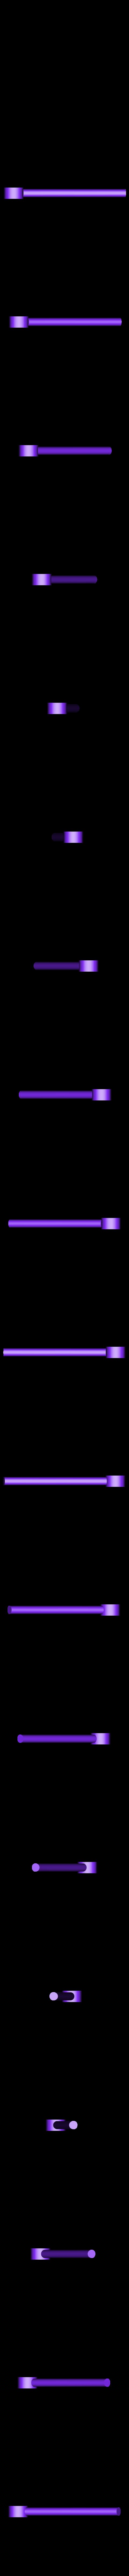 voor_veeronder.stl Download free STL file trick (custom) • 3D printer model, jasperbaudoin